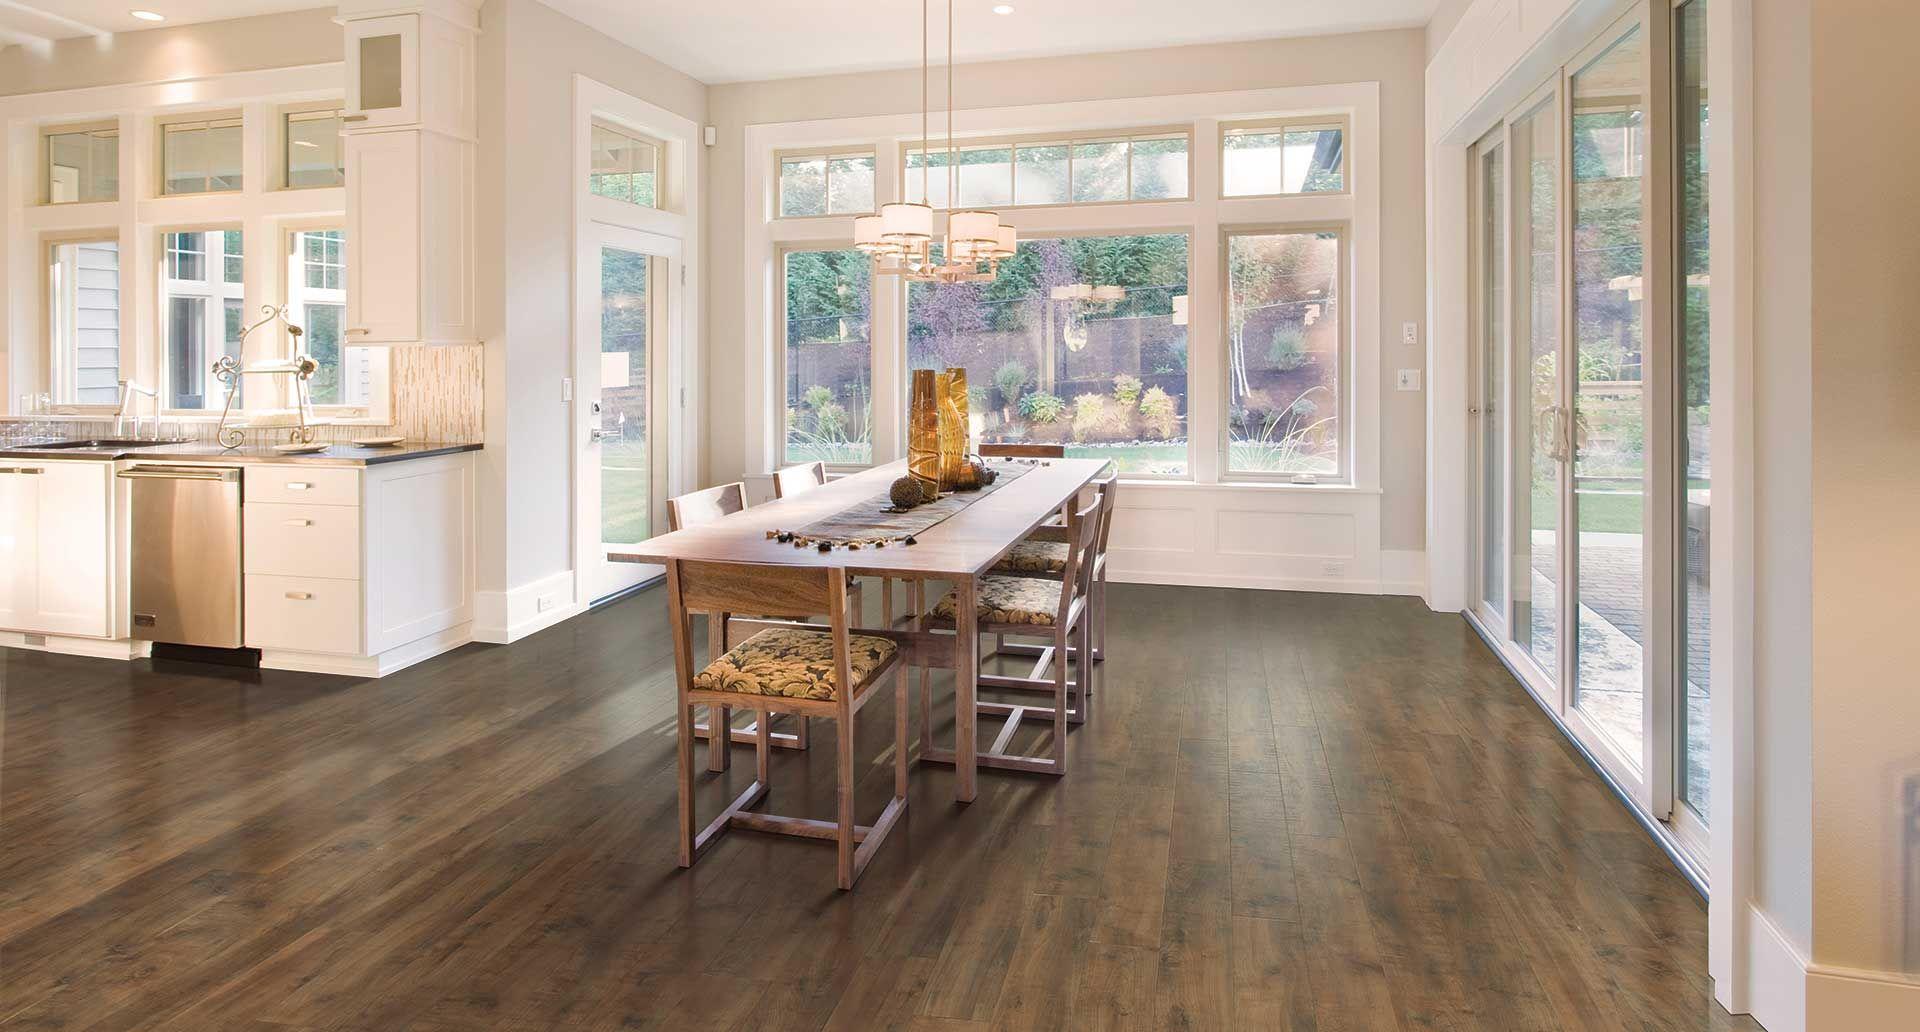 Harvest Cherry Pergo Outlast Laminate Pergo Flooring Pergo Outlast Beautiful Dining Rooms Pergo Laminate Flooring